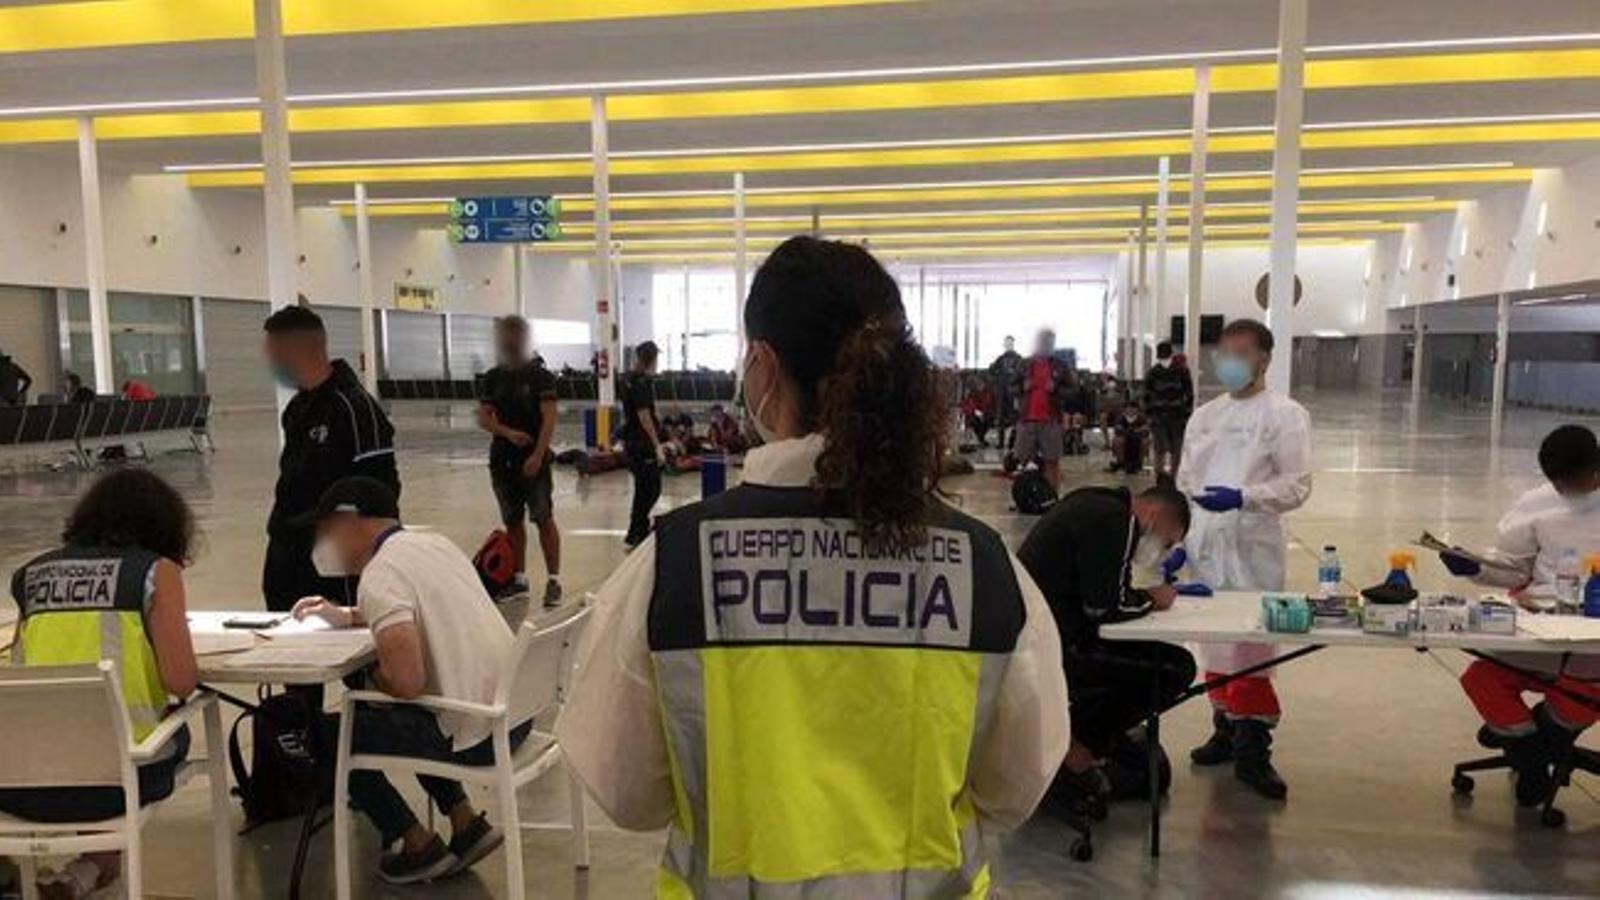 Els migrants arribats a Mallorca són retinguts durant 72 hores a l'estació marítima de Palma, on se'ls fa una prova PCR.